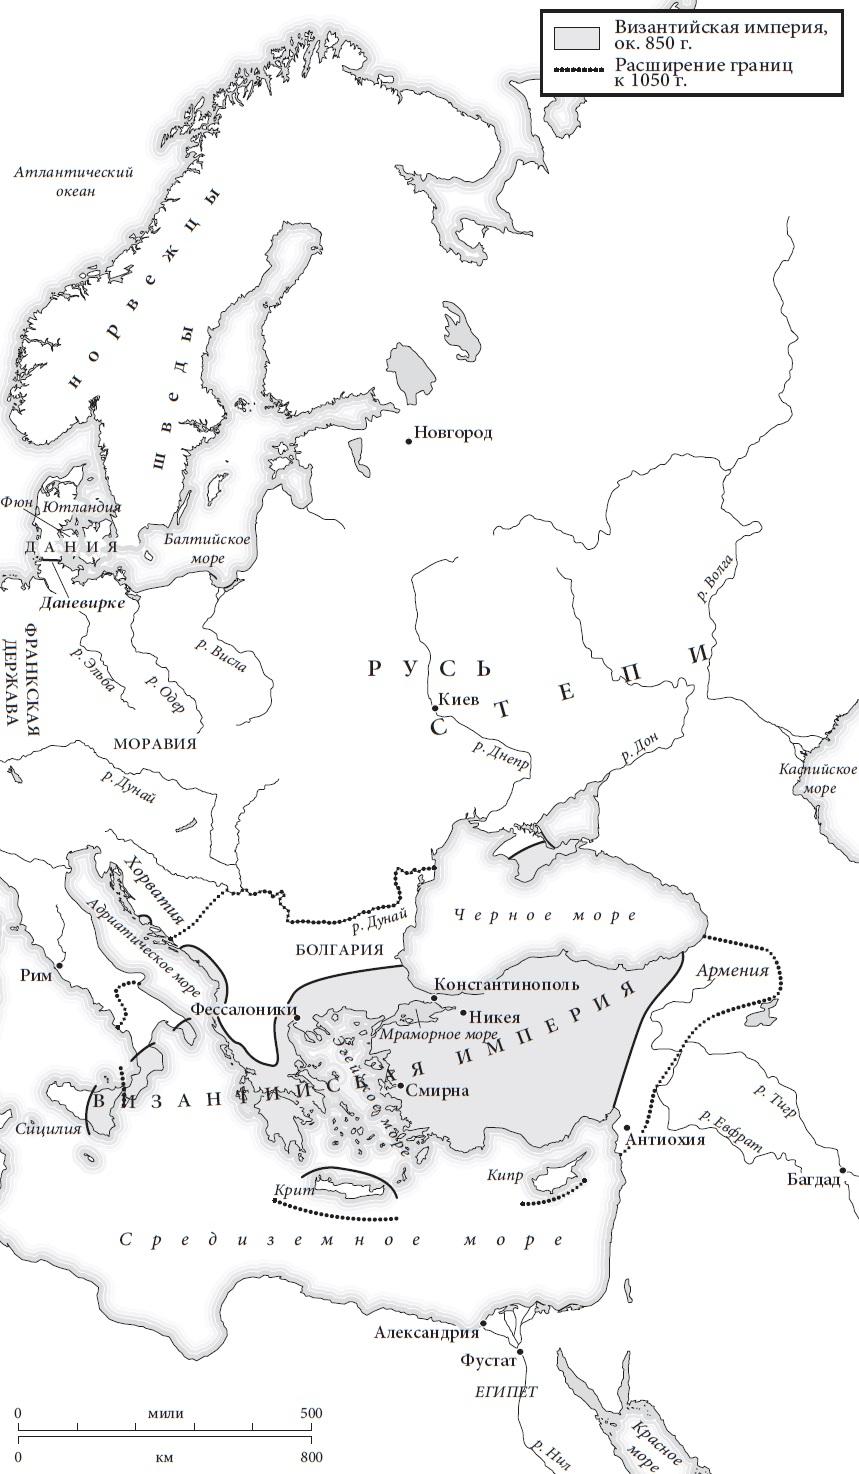 Ris. 2. Vostochnaya Evropa v 850 g